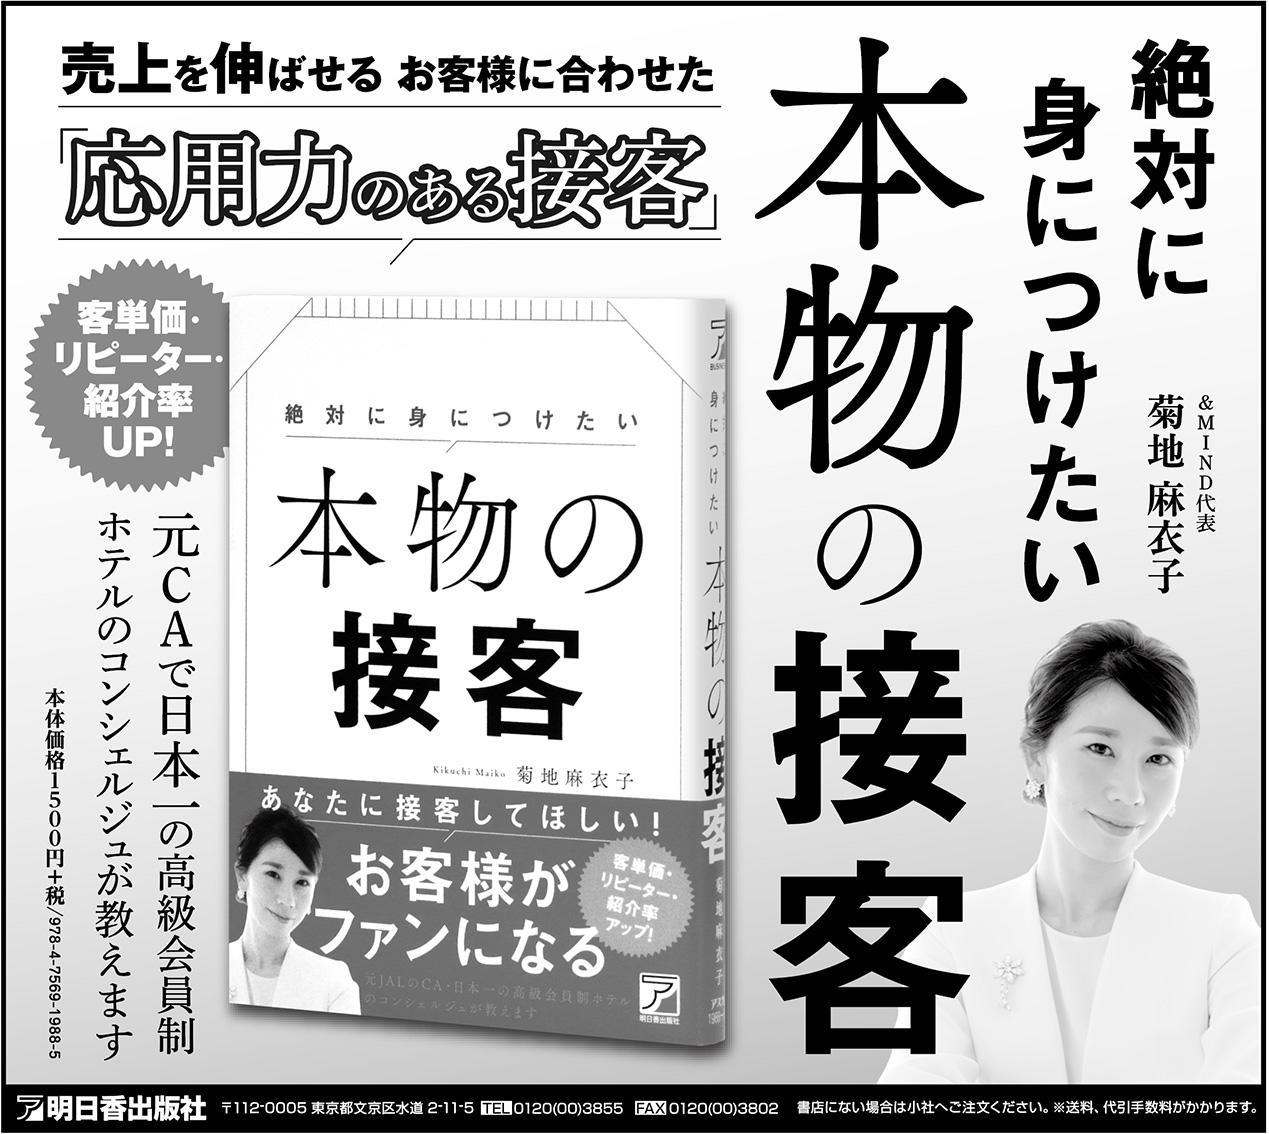 日経MJ半五_180926.jpg